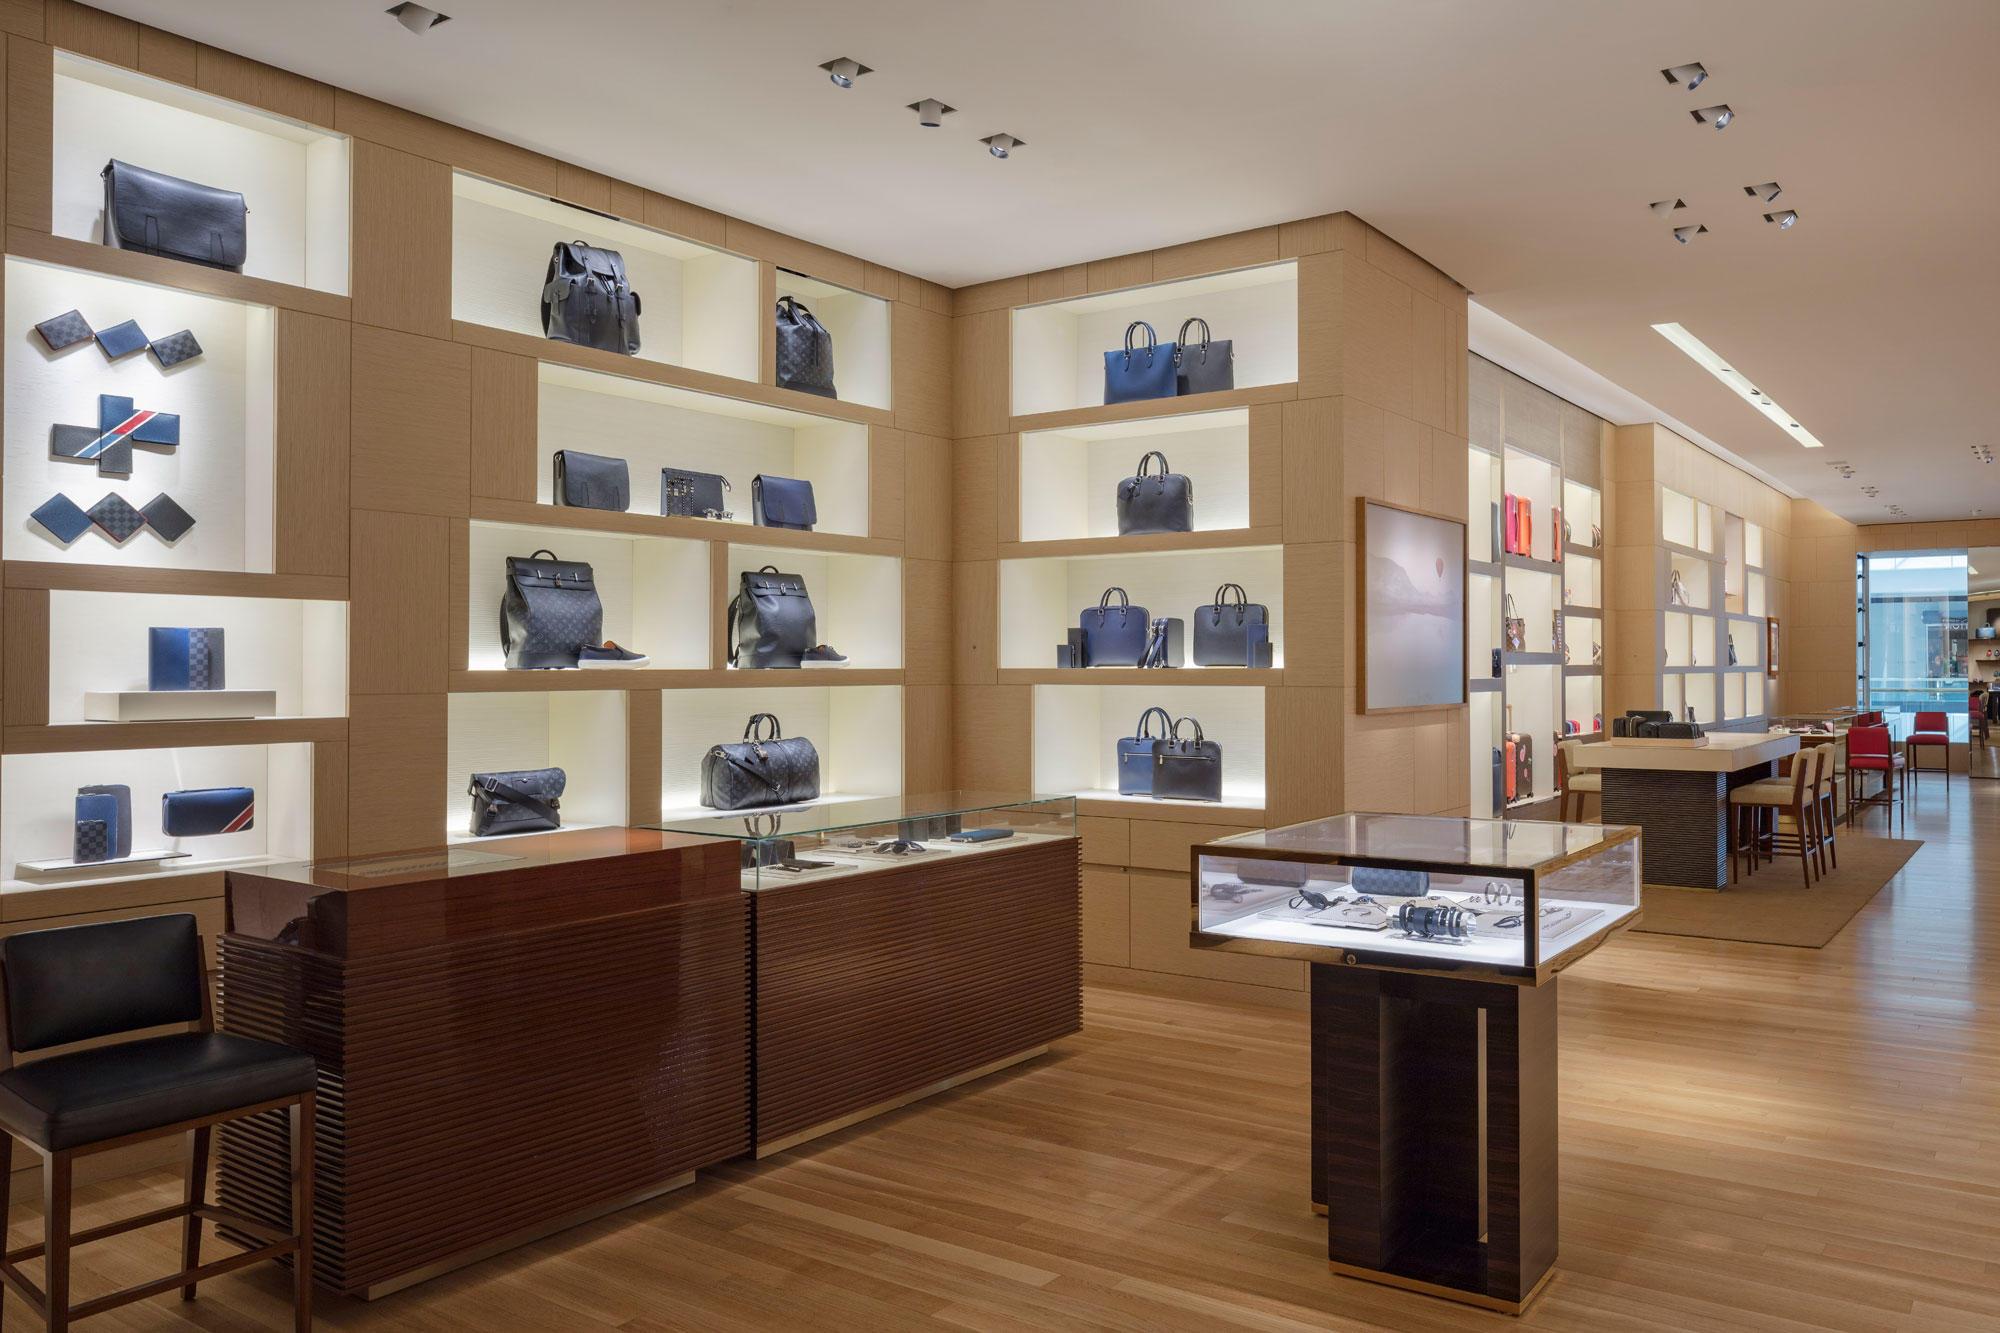 Louis Vuitton Scottsdale image 2